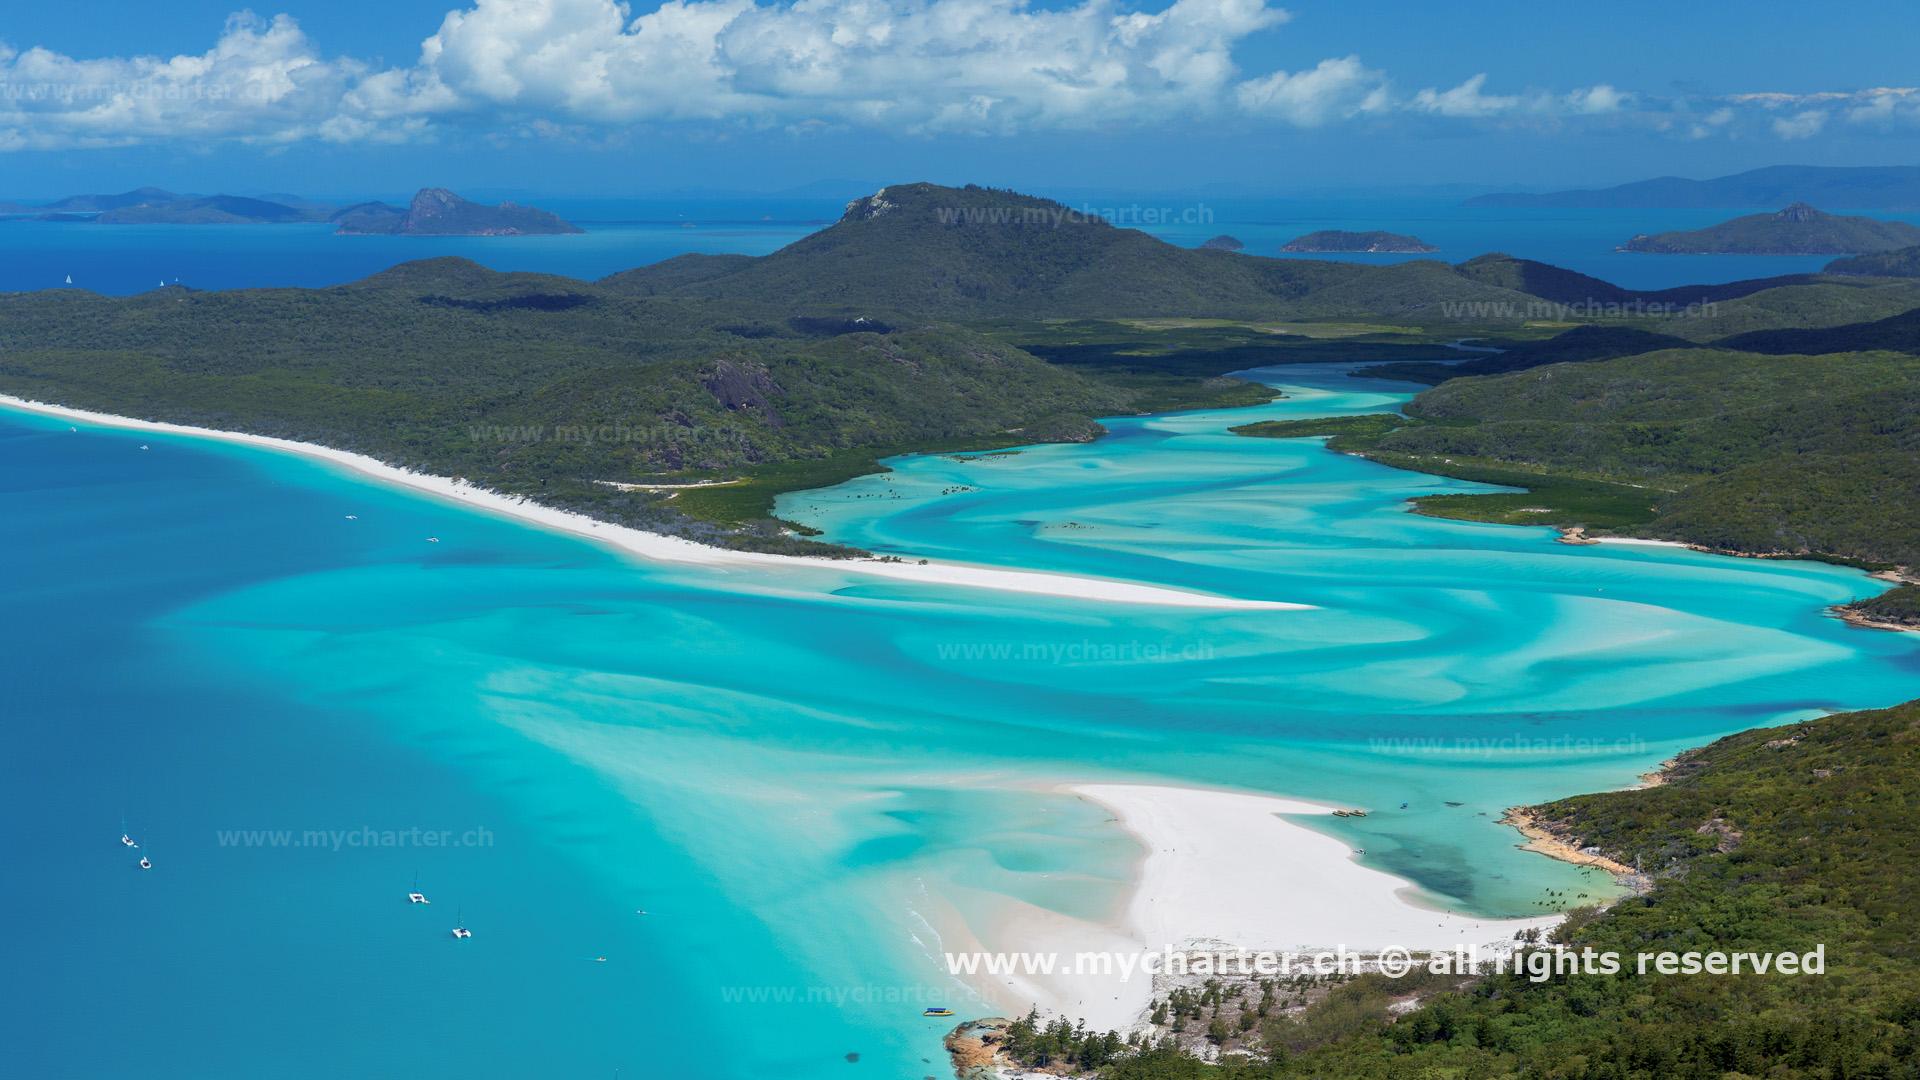 Yachtcharter Australien - Whitehaven Beach